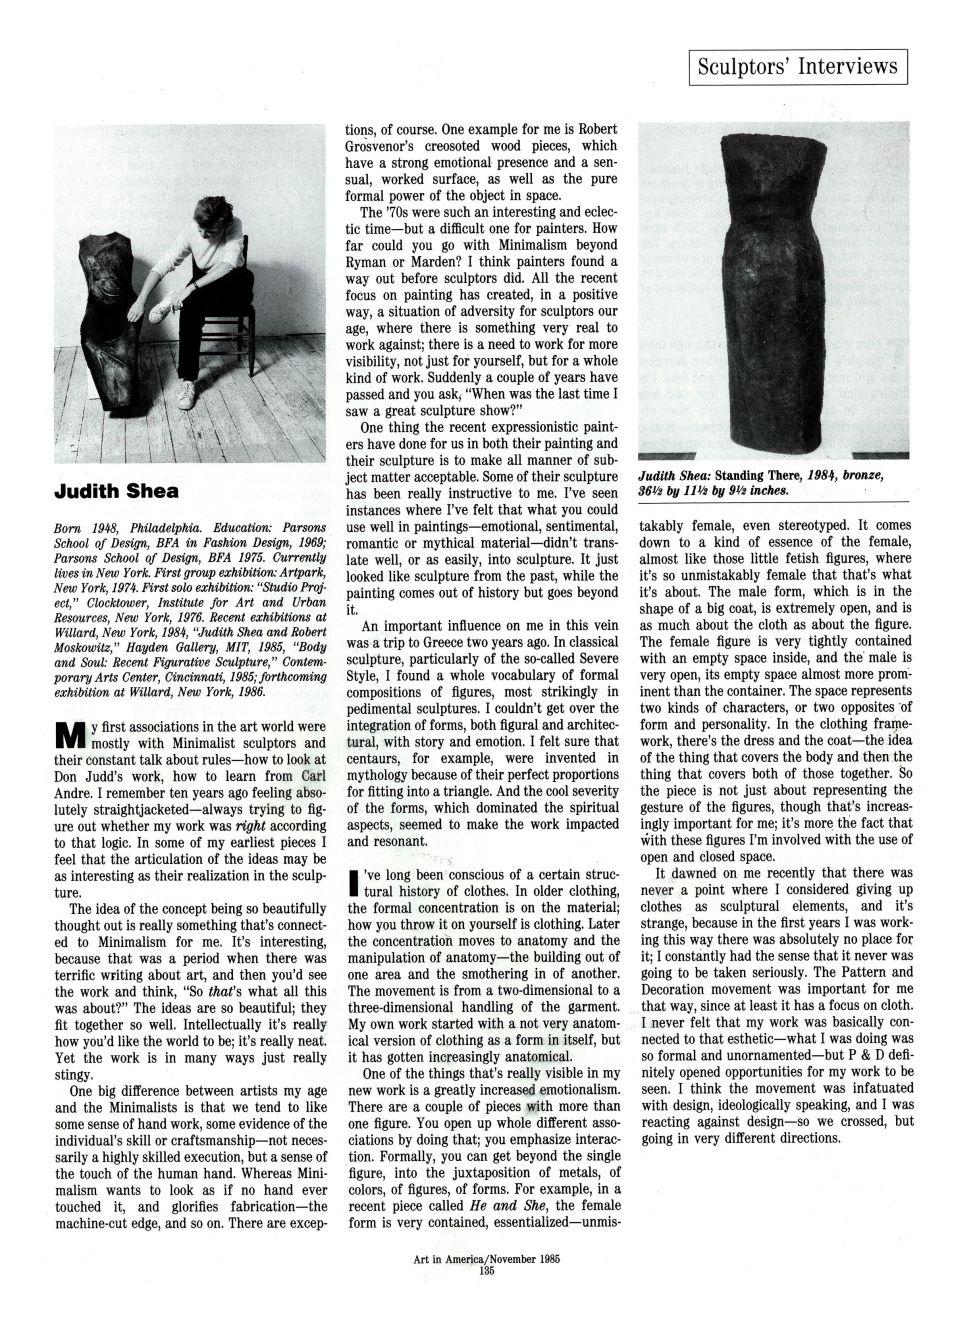 art_in_america_1985_talking_objects_page135